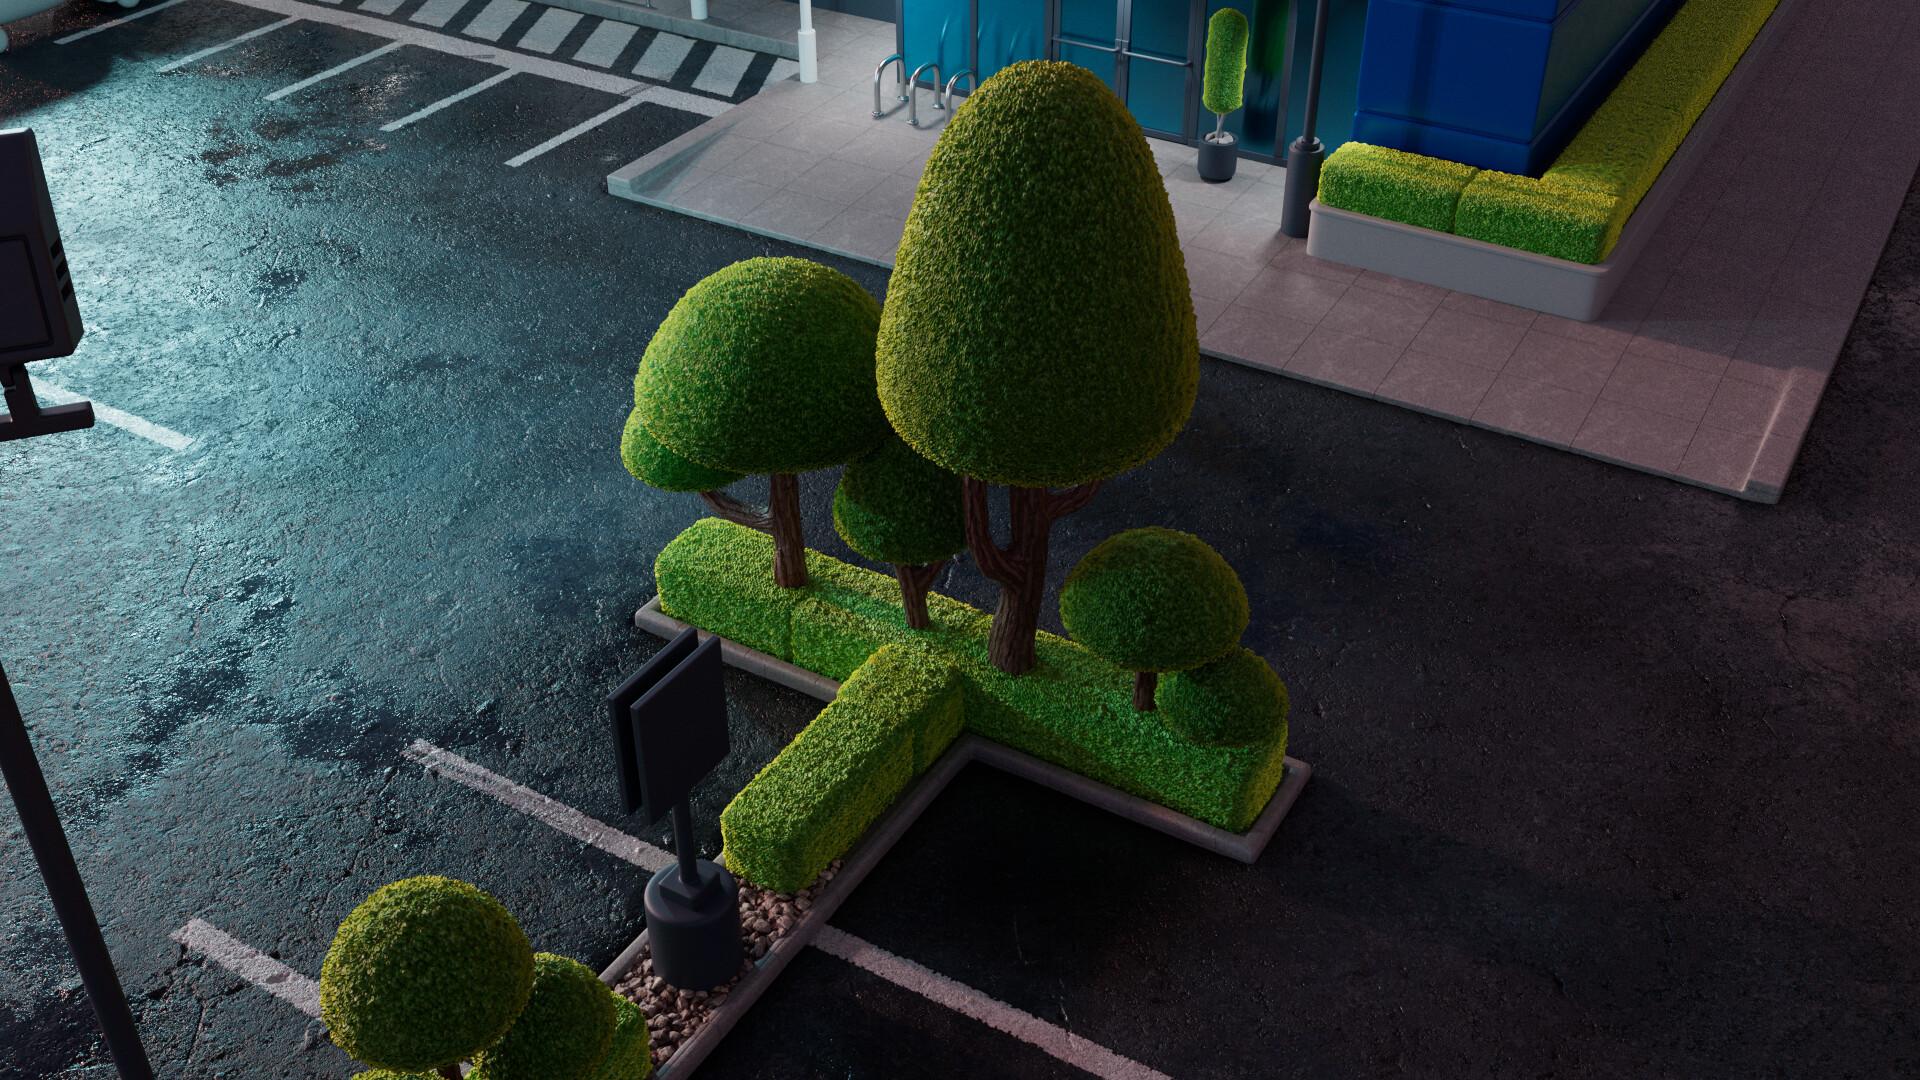 LookDev test of vegetation